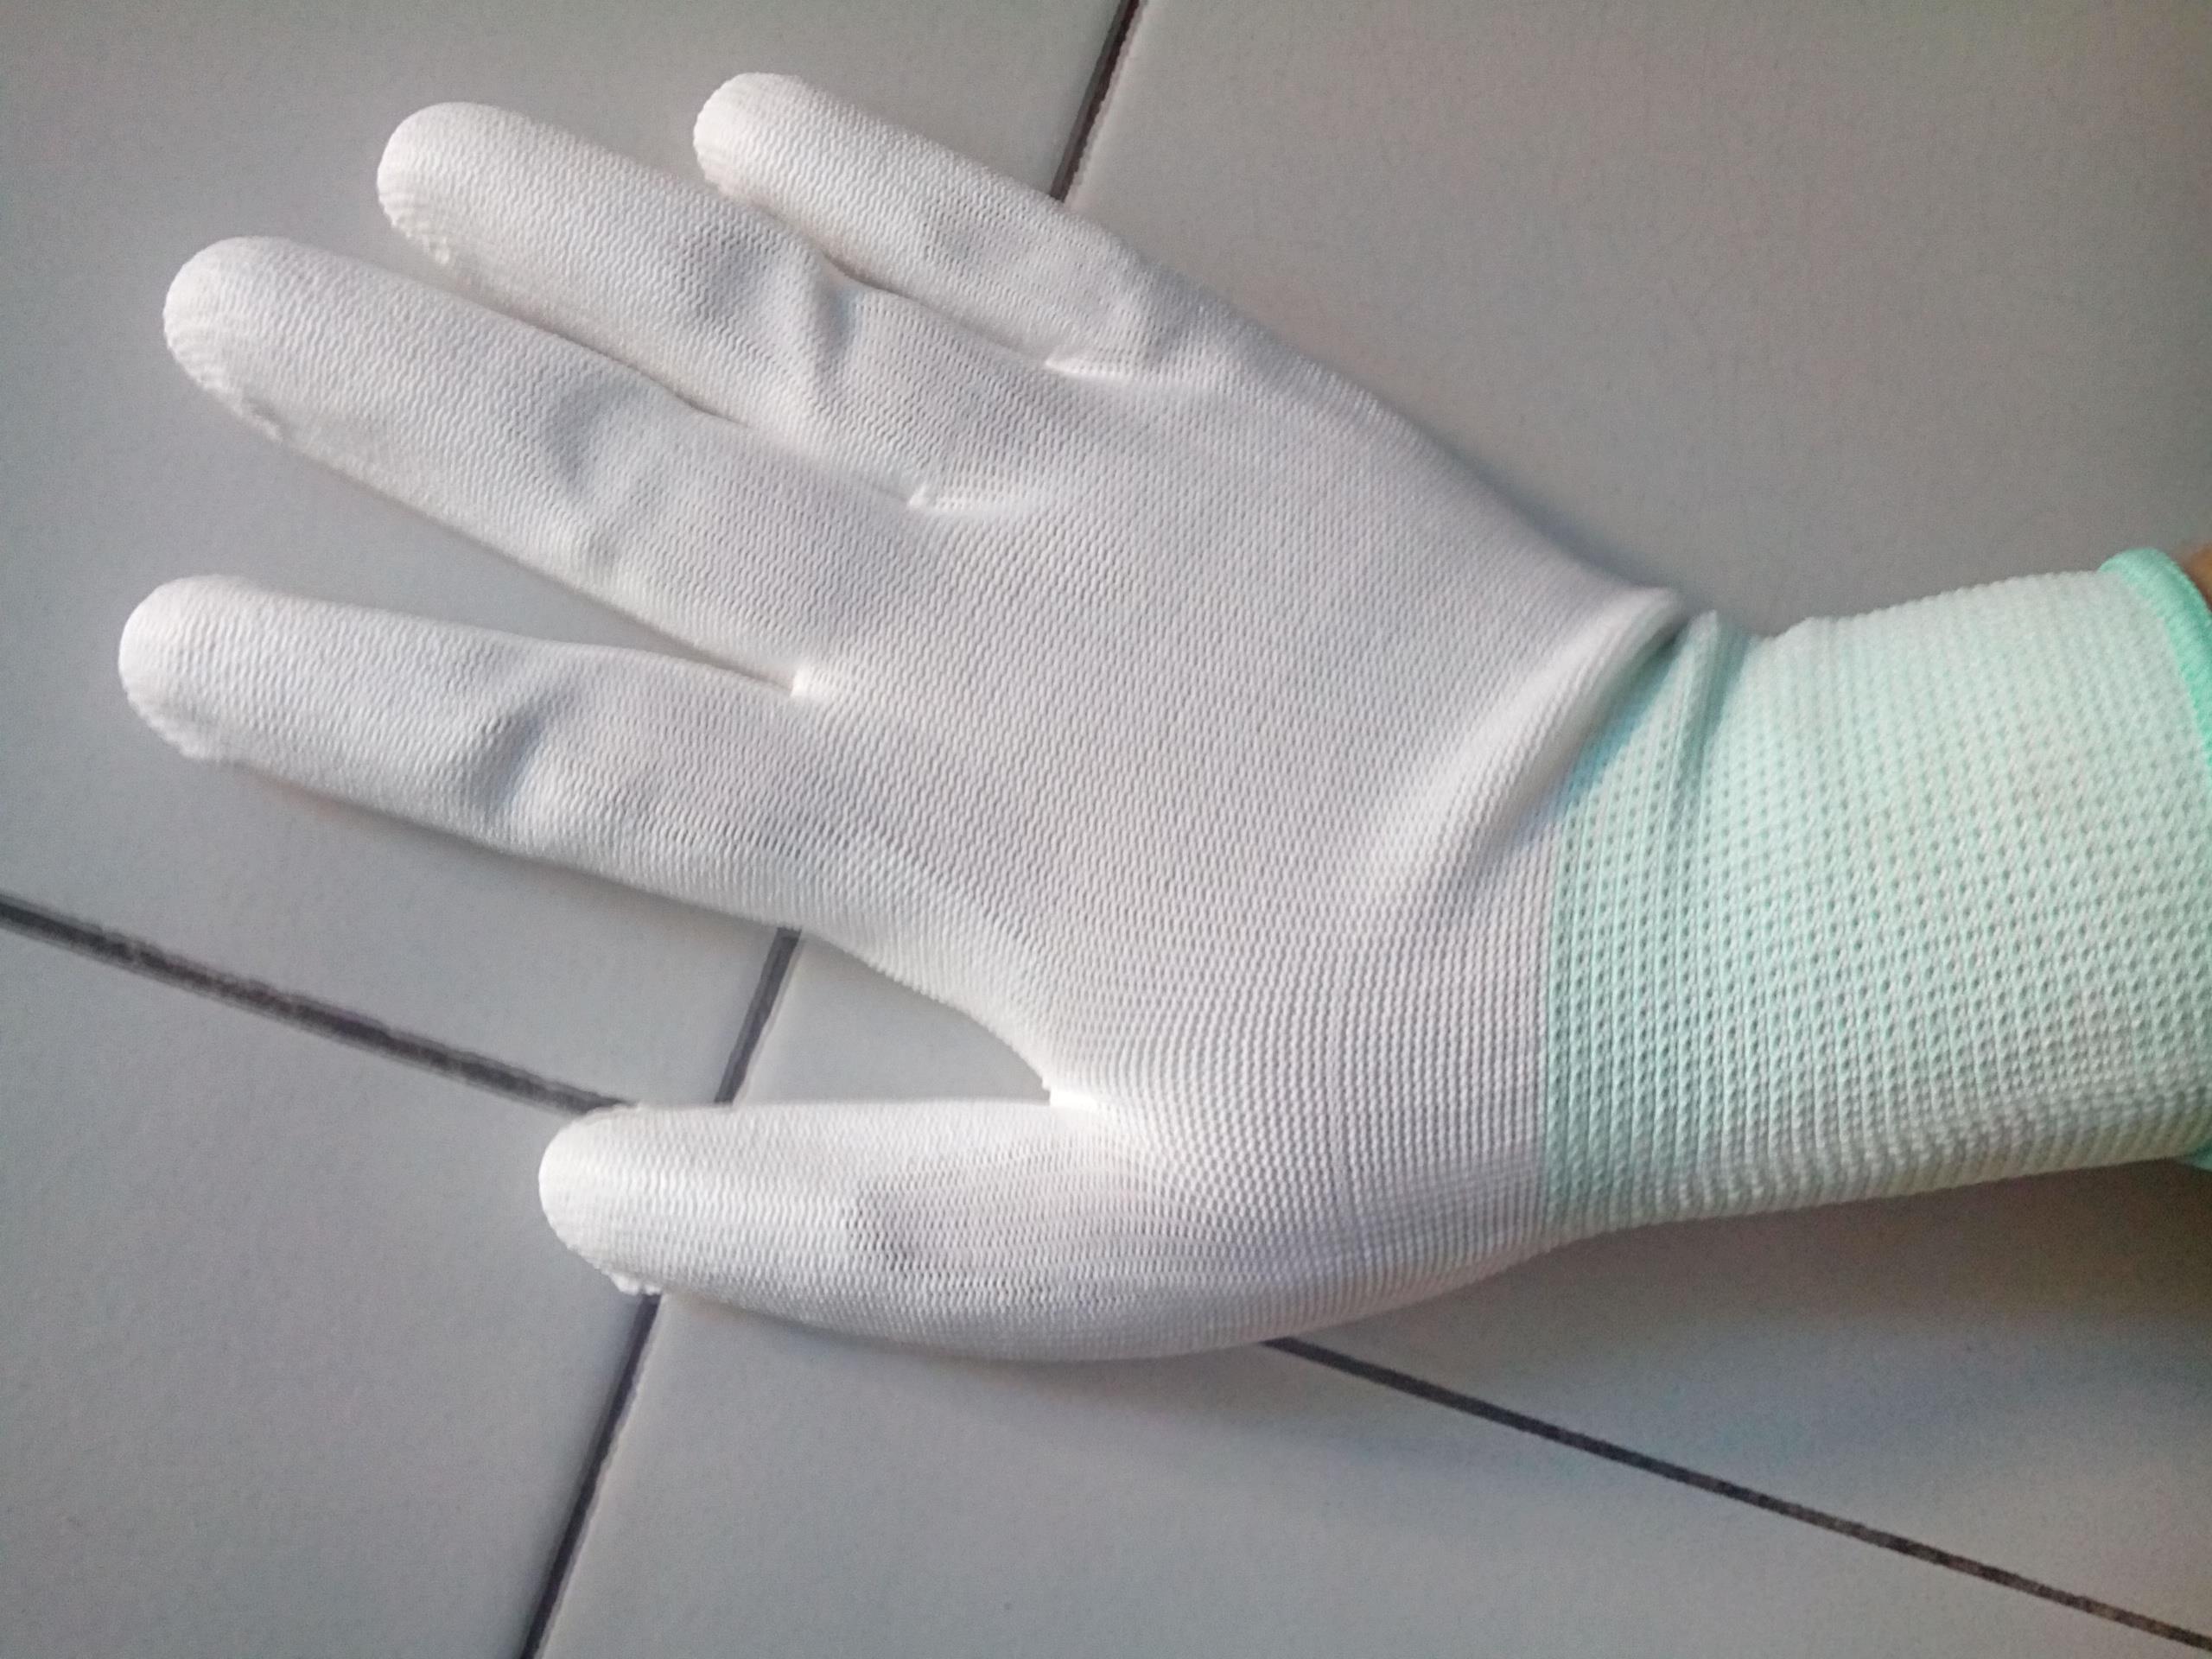 jual sarung tangan karet palm fit glove harga murah bekasi